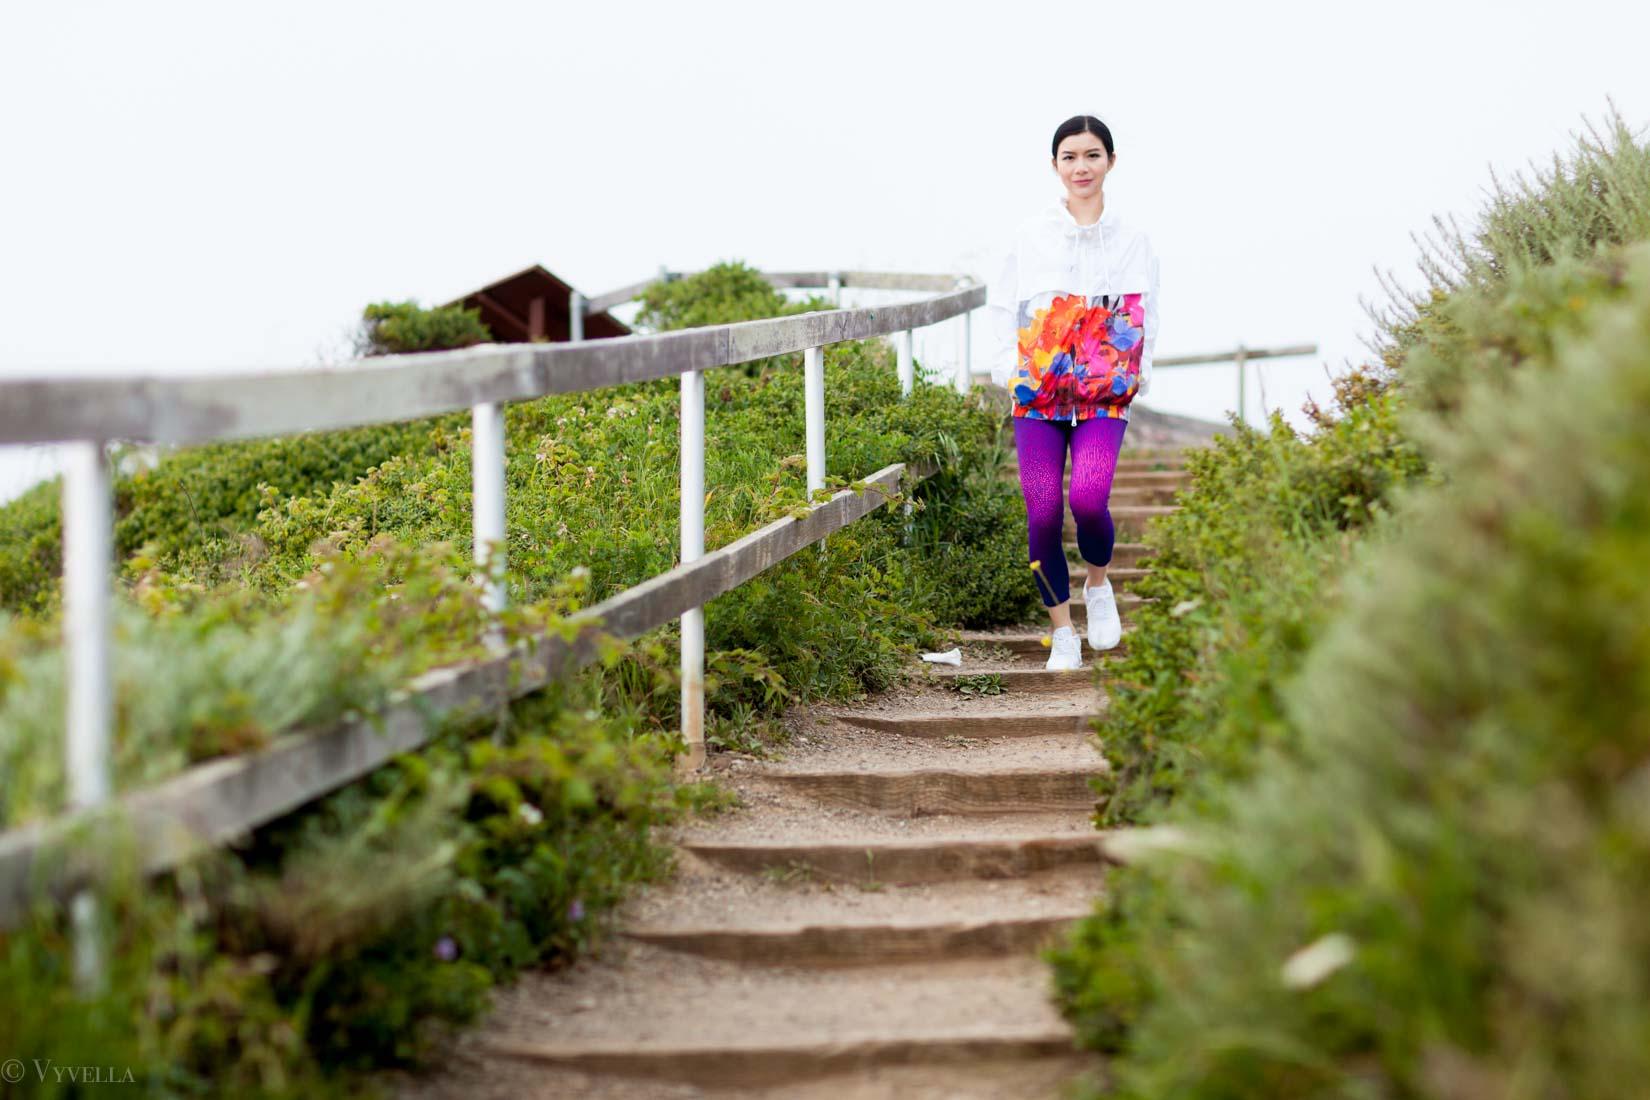 fitness_feel-good_09.jpg